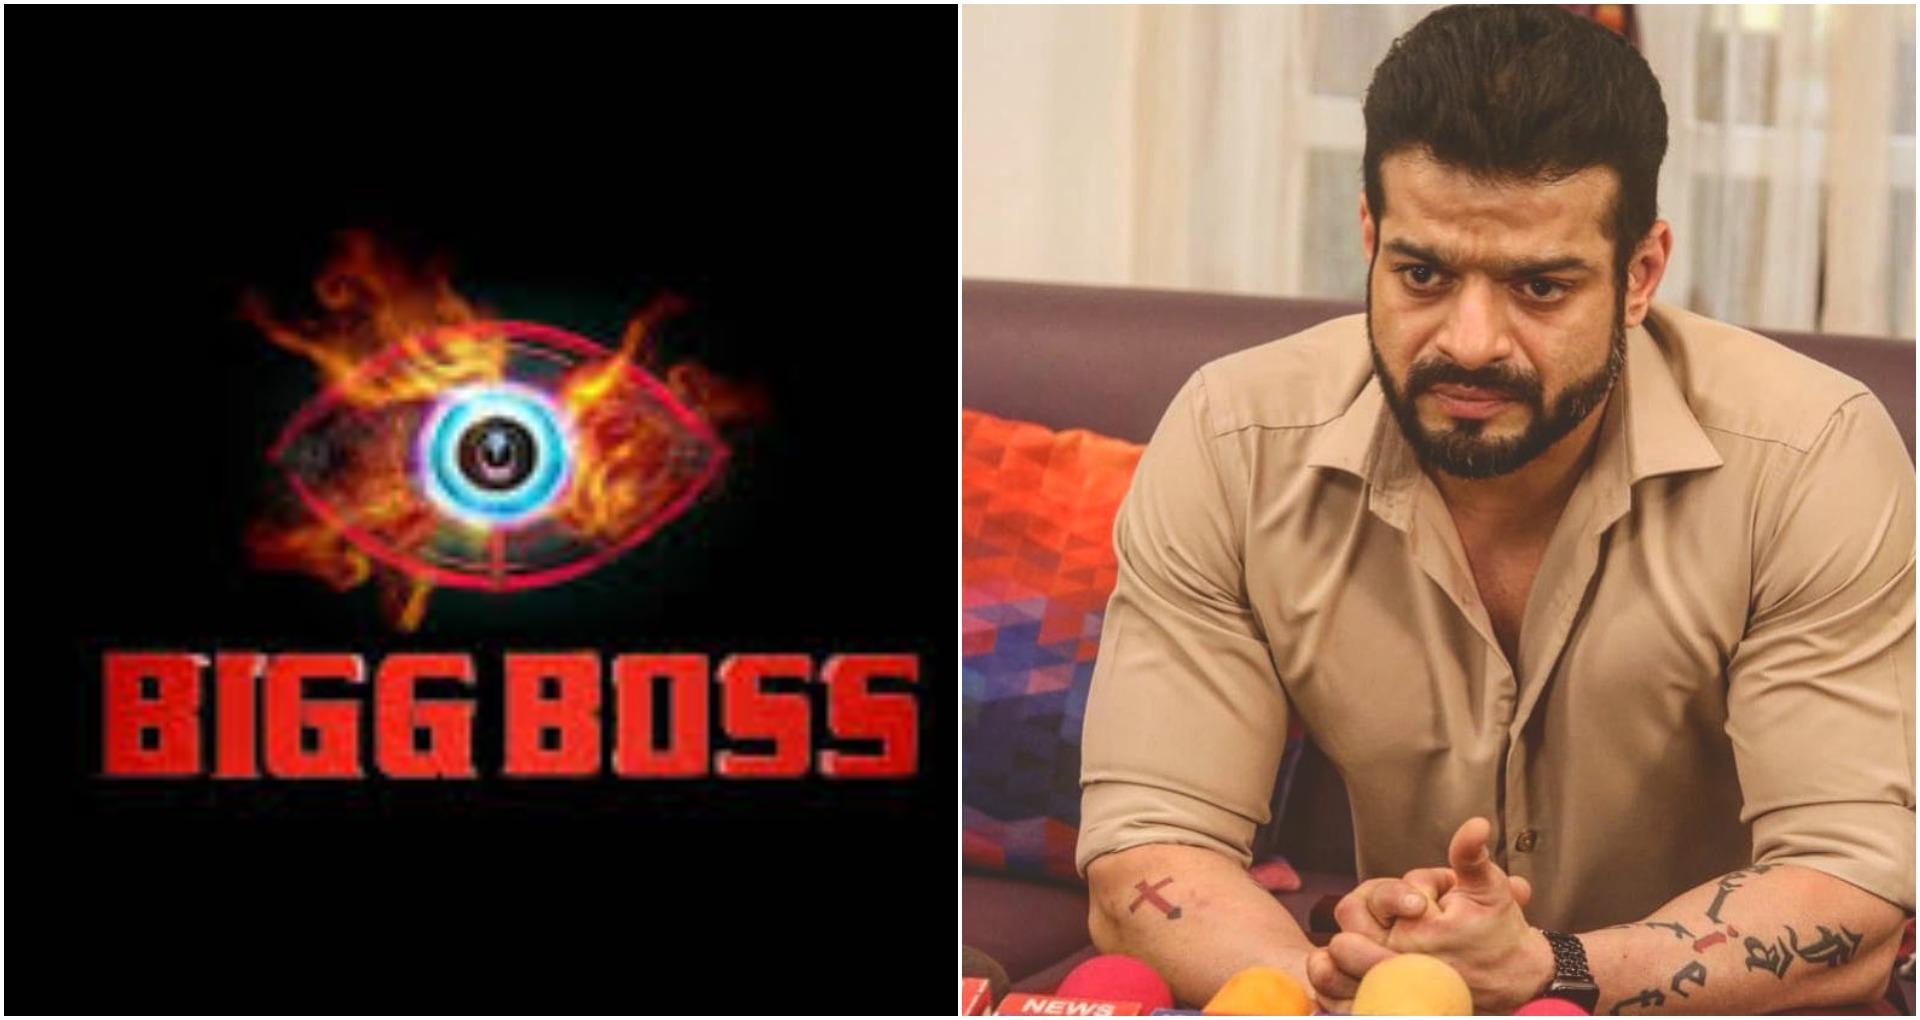 TV TOP 5 NEWS: बिग बॉस में सलमान खान की जगह लेगी ये बेस्ट फ्रेंड, शाहरुख़ के लिए गमला बनने को तैयार करण पटेल